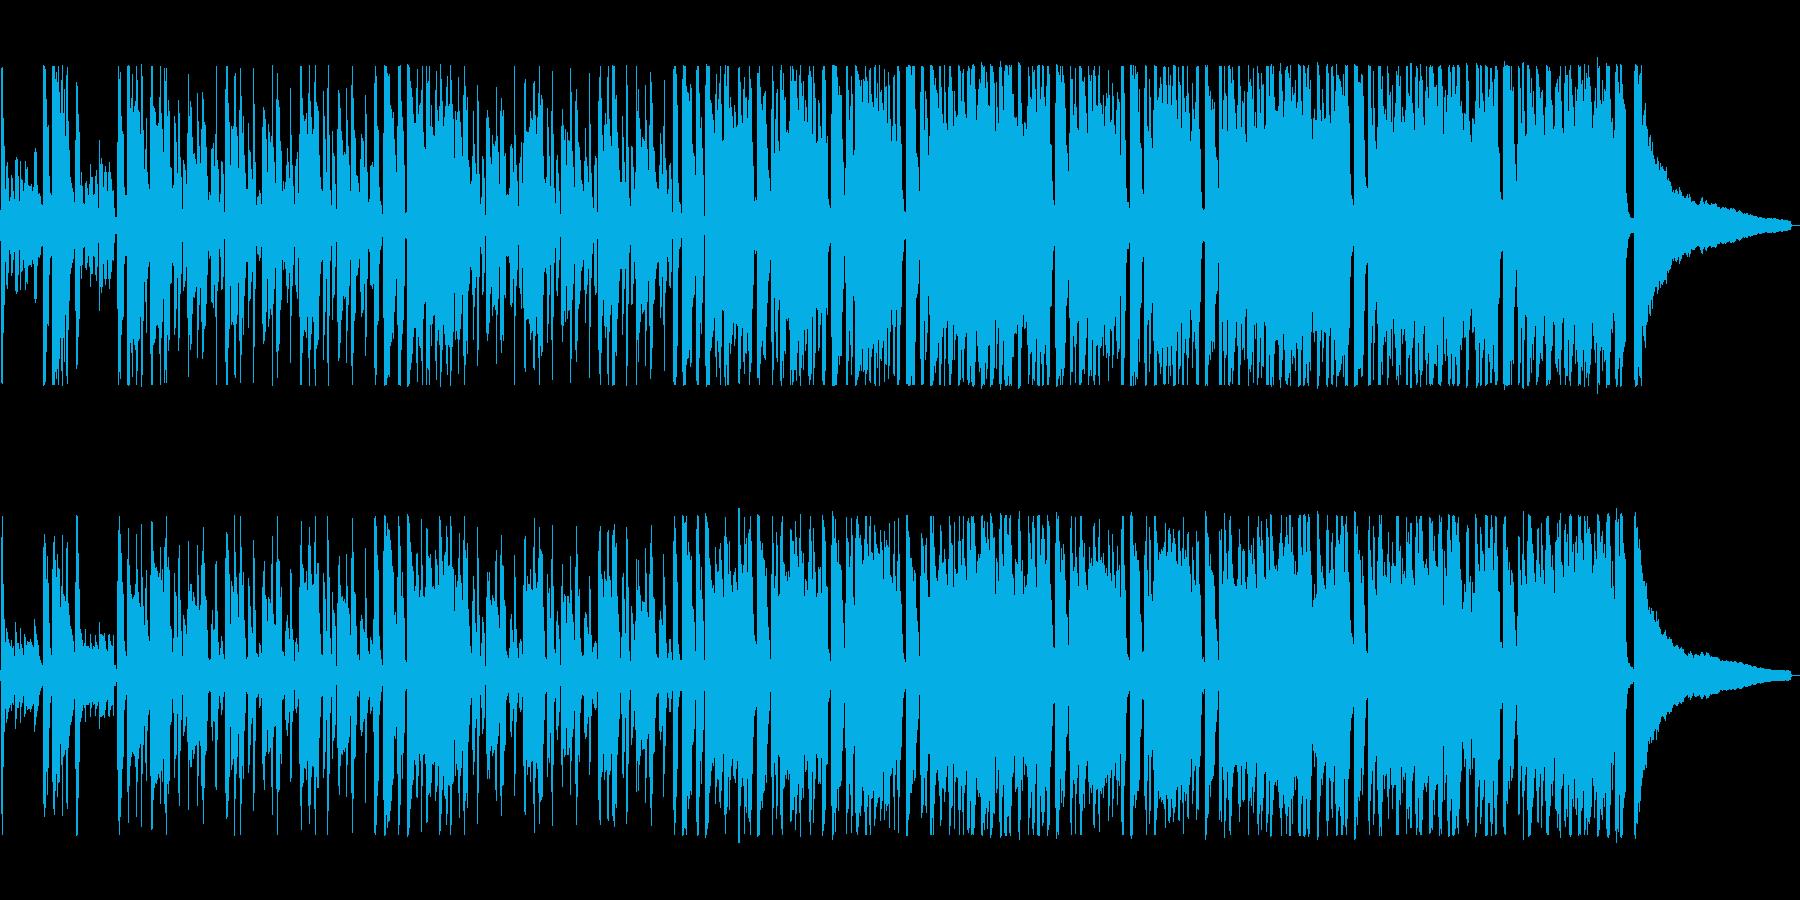 口笛を使った明るく楽しい雰囲気の曲の再生済みの波形